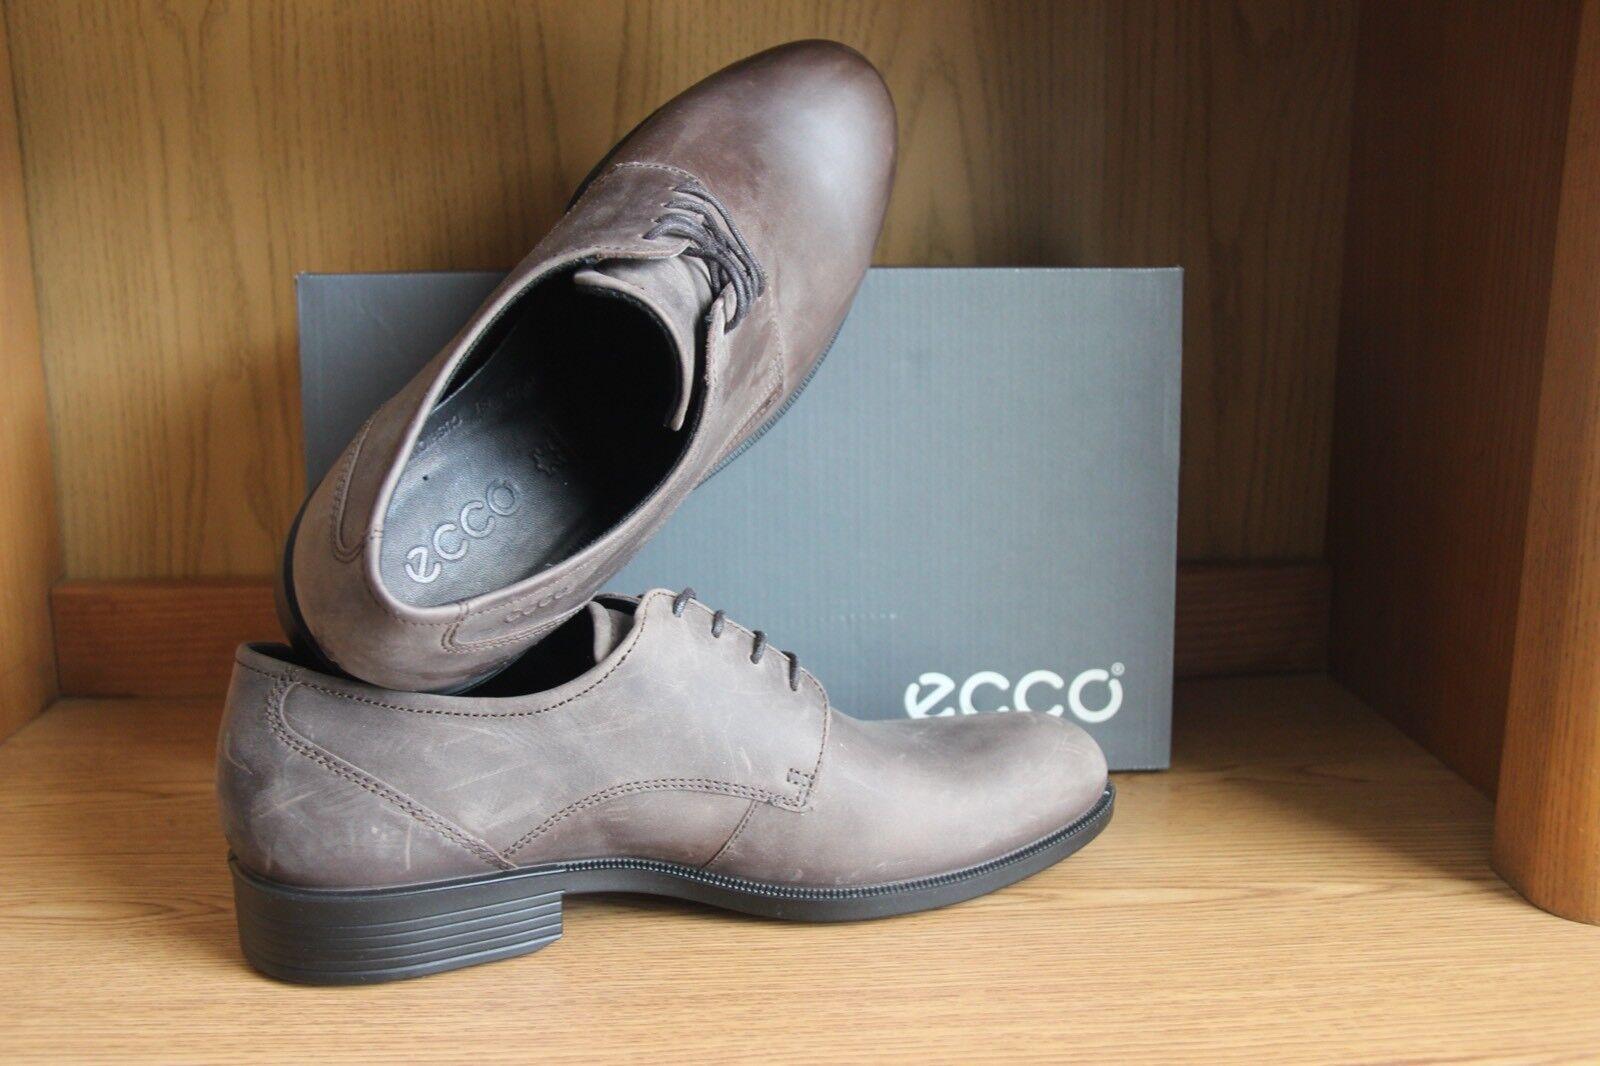 Ecco Harold Harold Harold Lace Oxford Shoe Brown Uomo 634584 33f82d